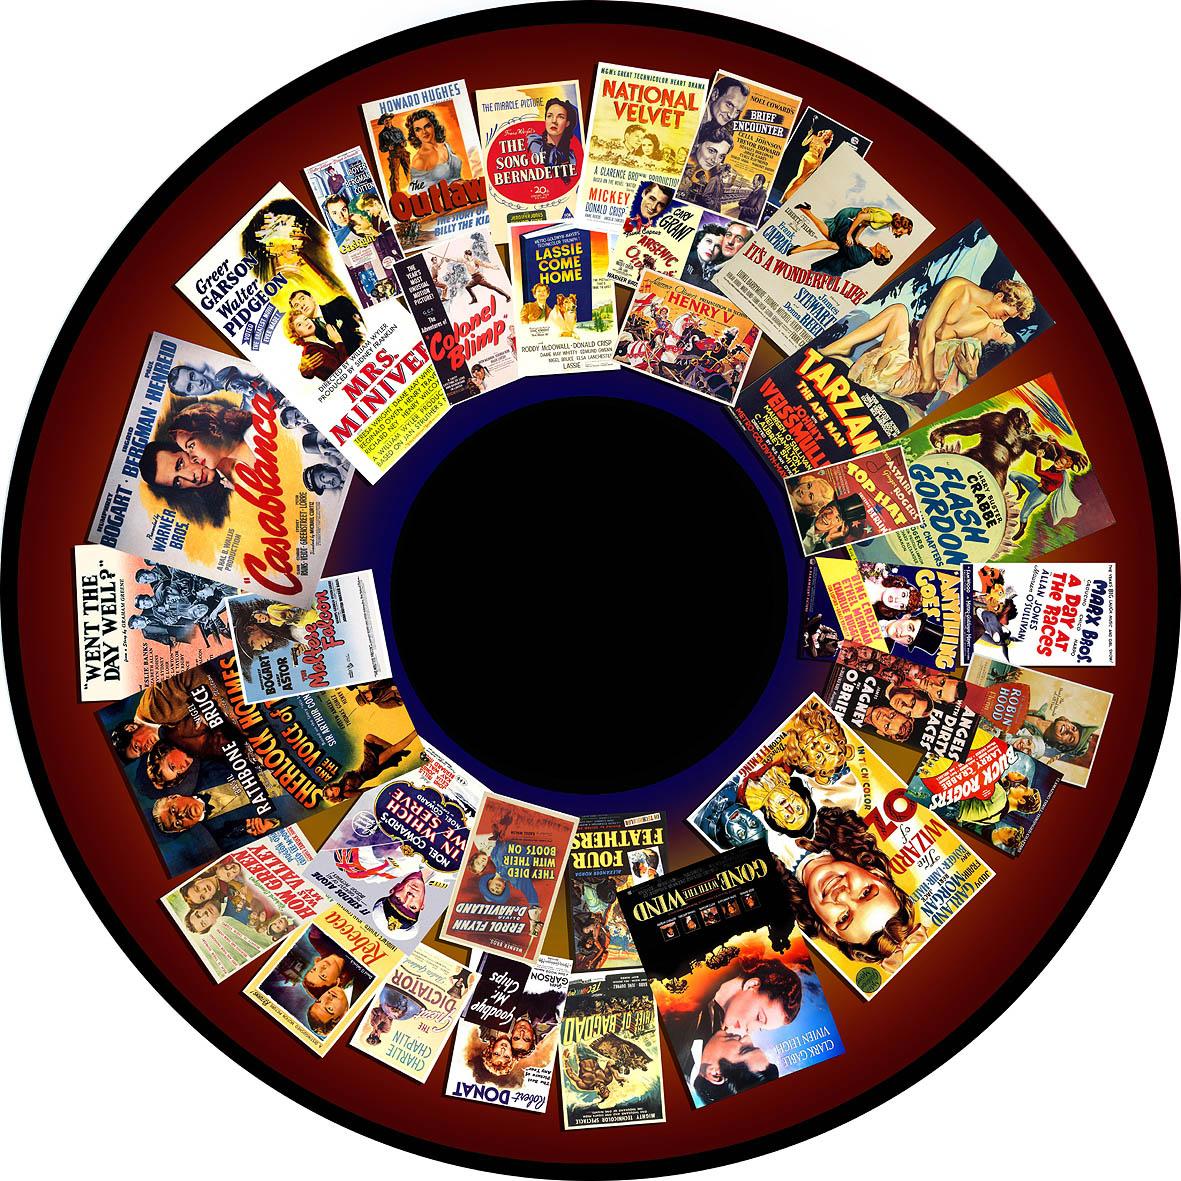 optikinetics-1930s-1940s-films-fg7442.jpg